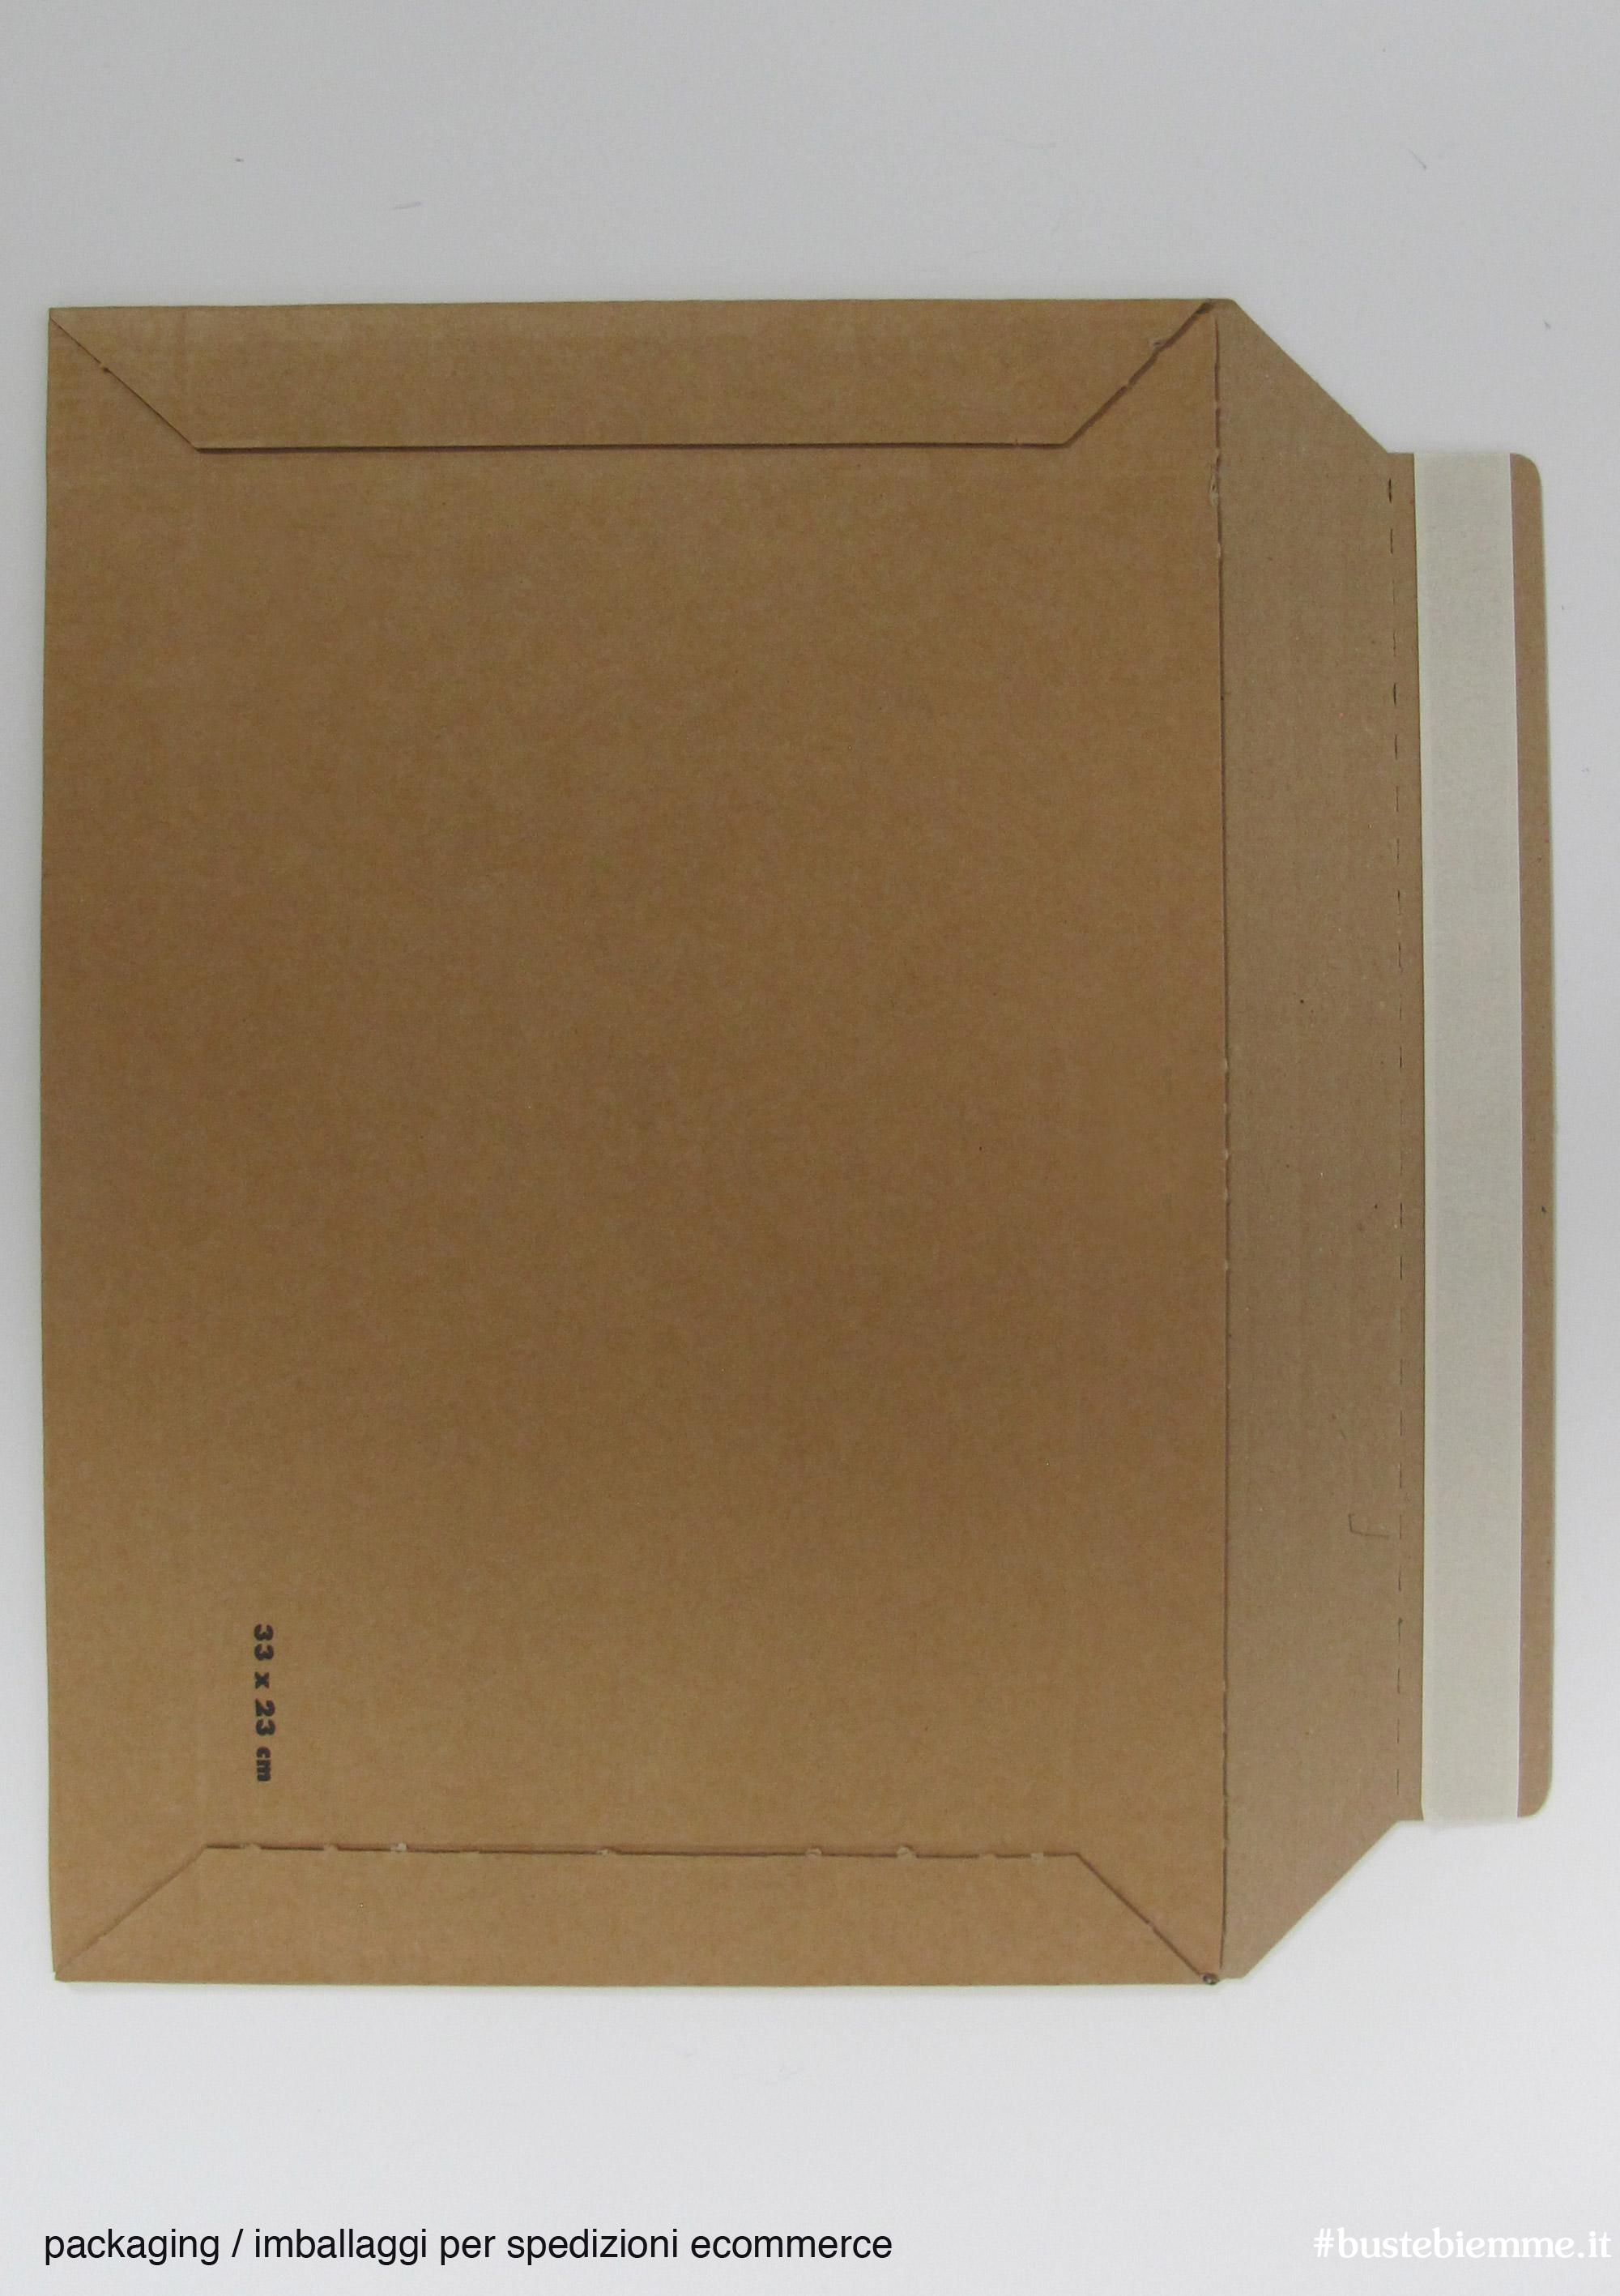 buste cartonate per spedizioni e-commerce